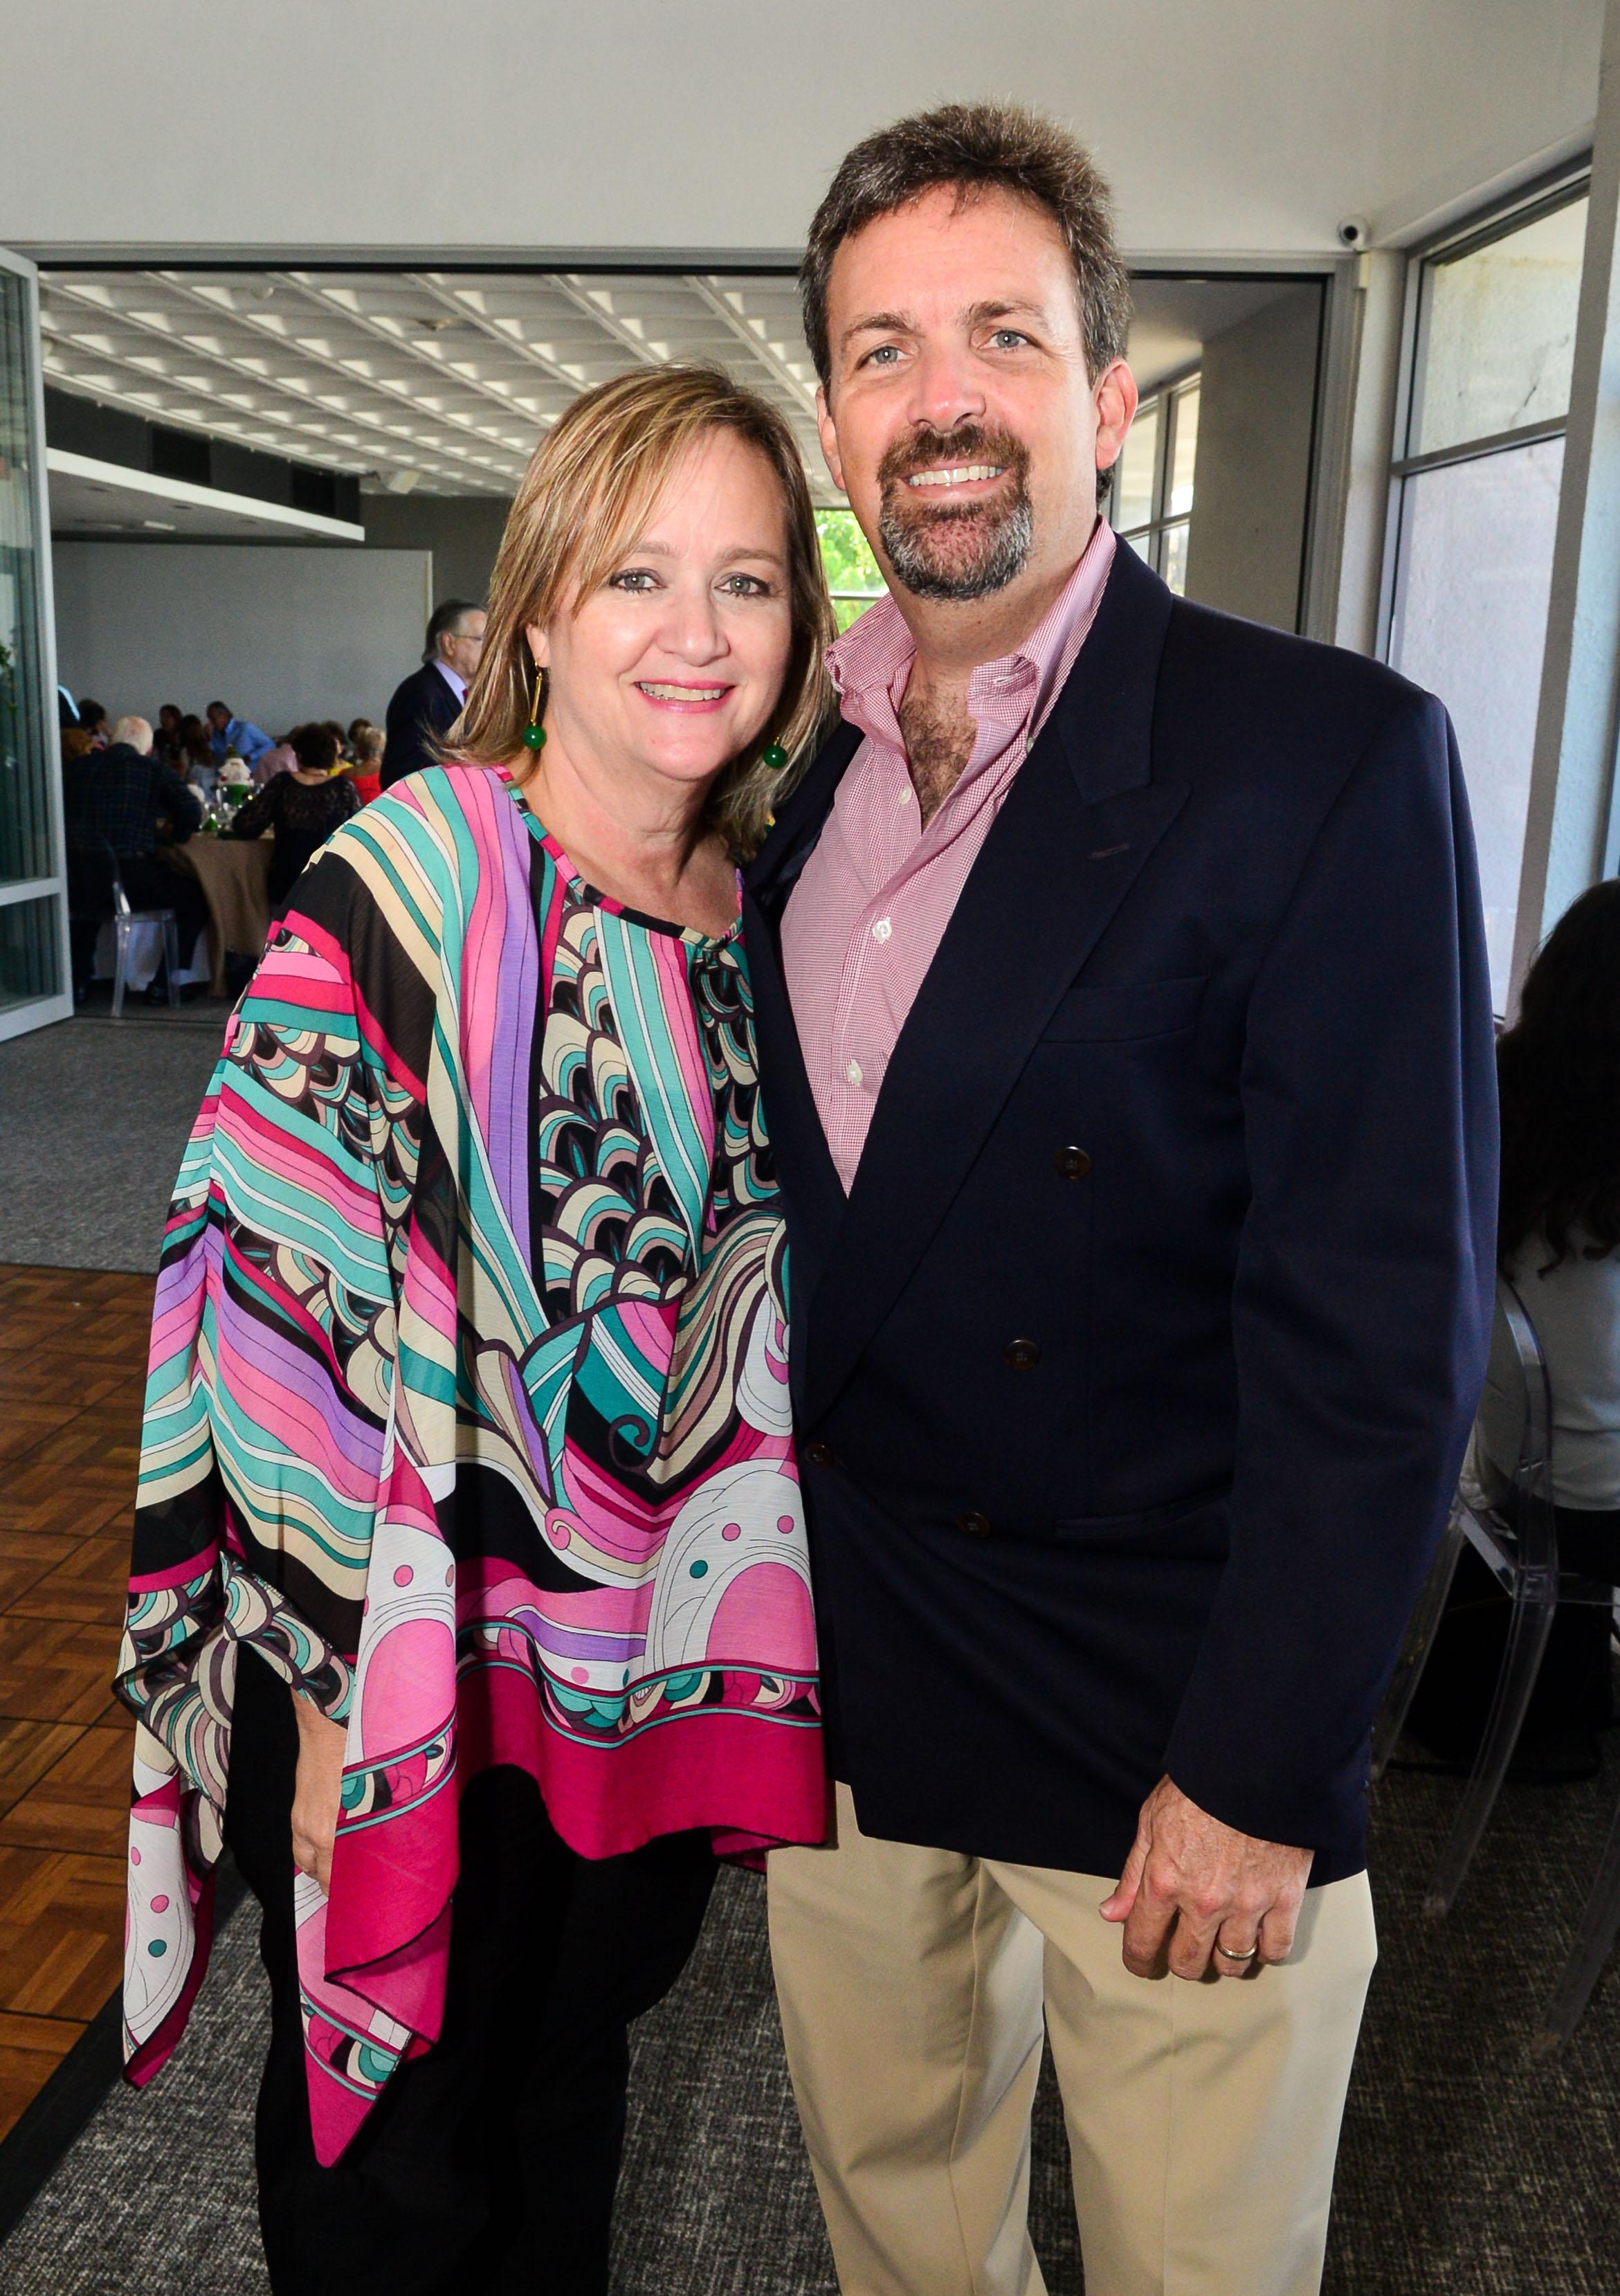 Lourdes y Javier Calderón. Foto: Enid M. Salgado Mercado.